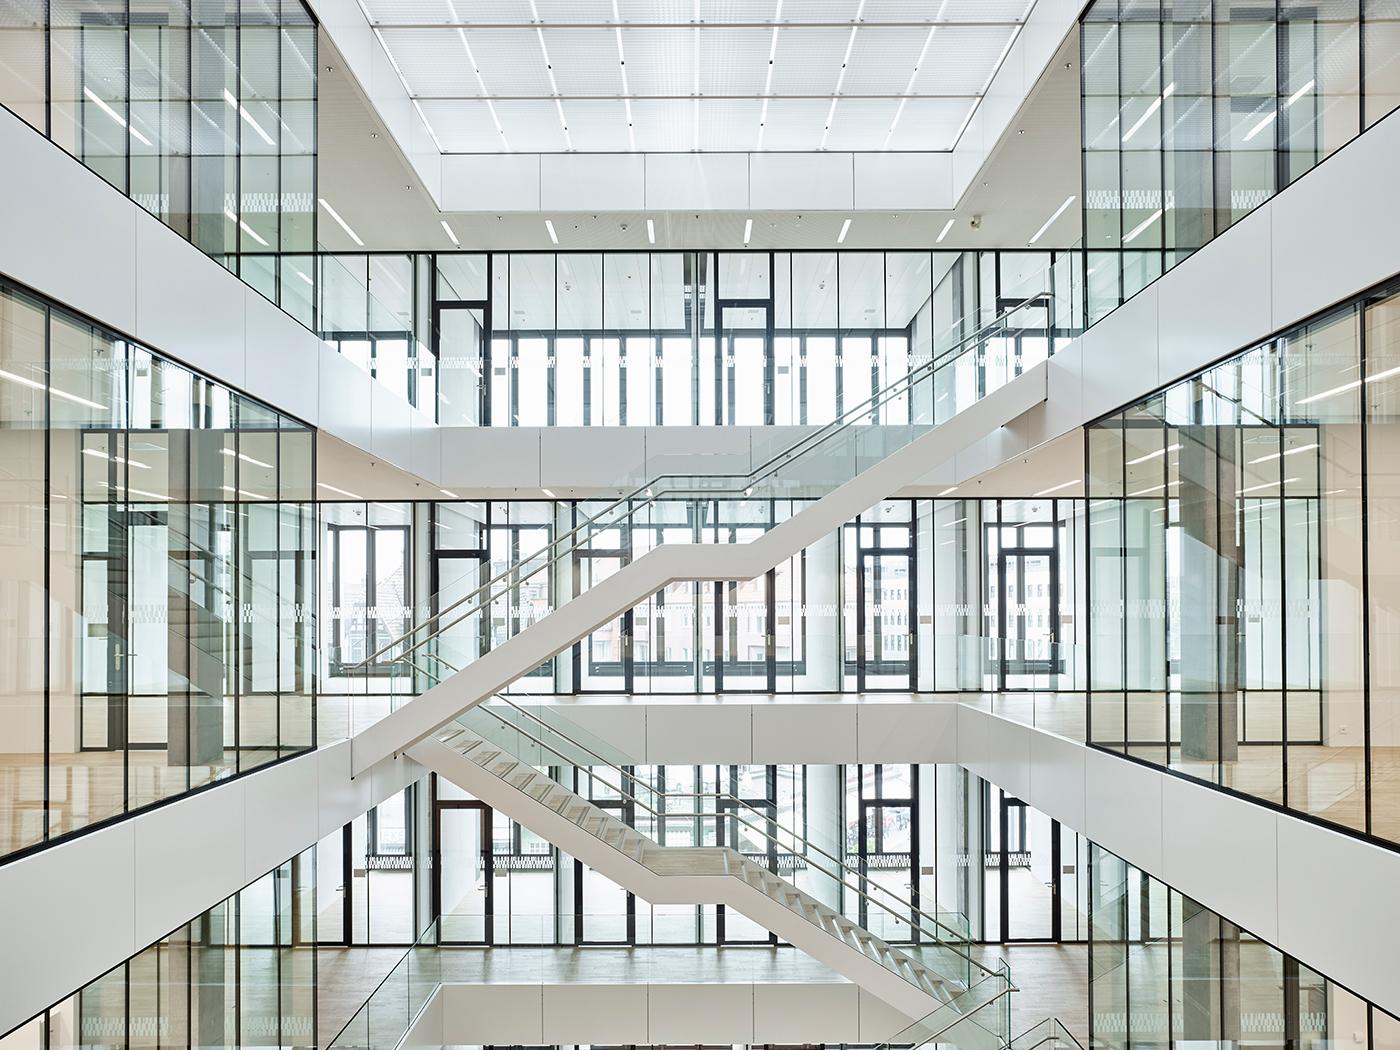 Die transparente Architektur und Begegnungszonen in der Mitte sollen den Austausch zwische  den sitem-insel-Mitgliedern fördern. Bild: sitem-insel.